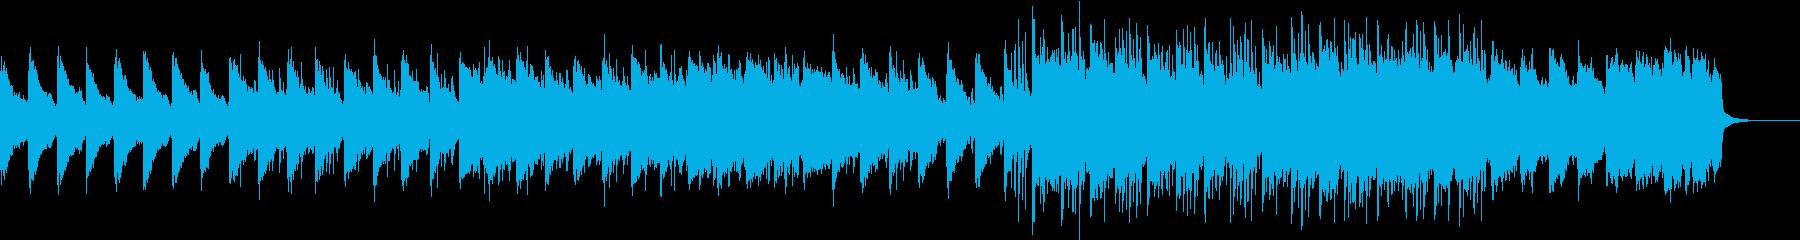 しっとりとしたイージーリスニングの再生済みの波形